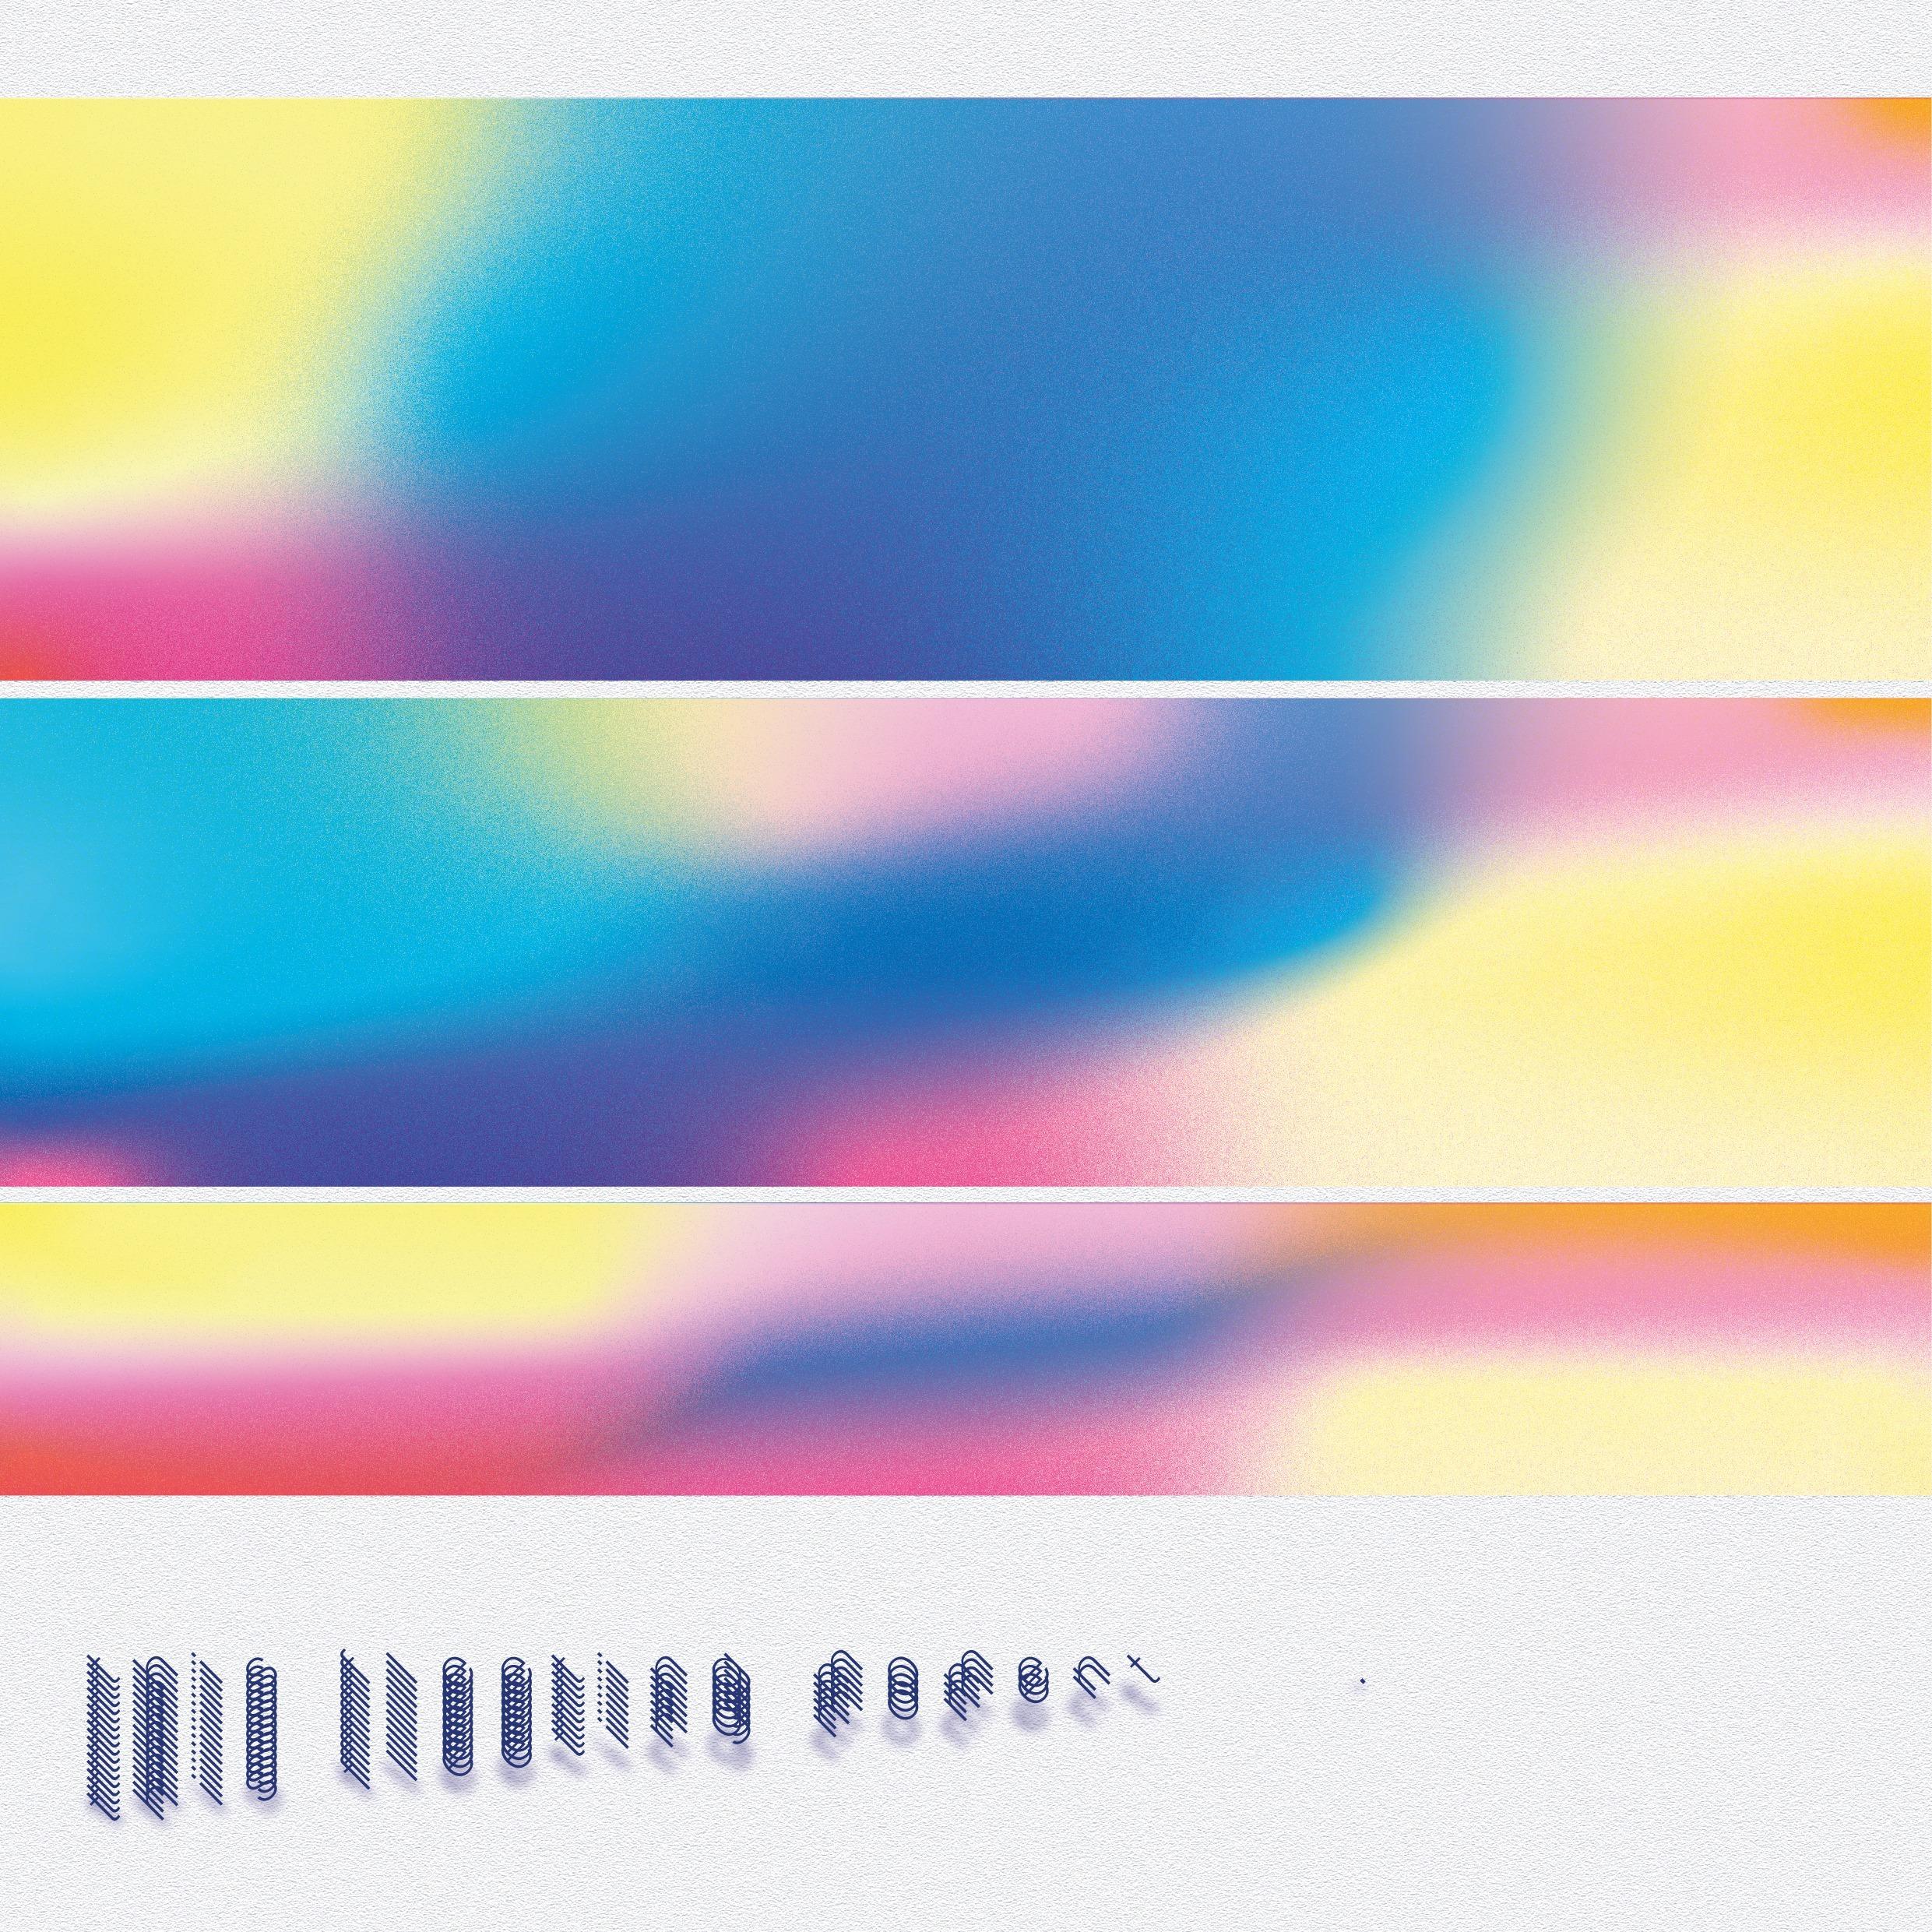 fleeting moment  - poster, posterdesign - madleif | ello